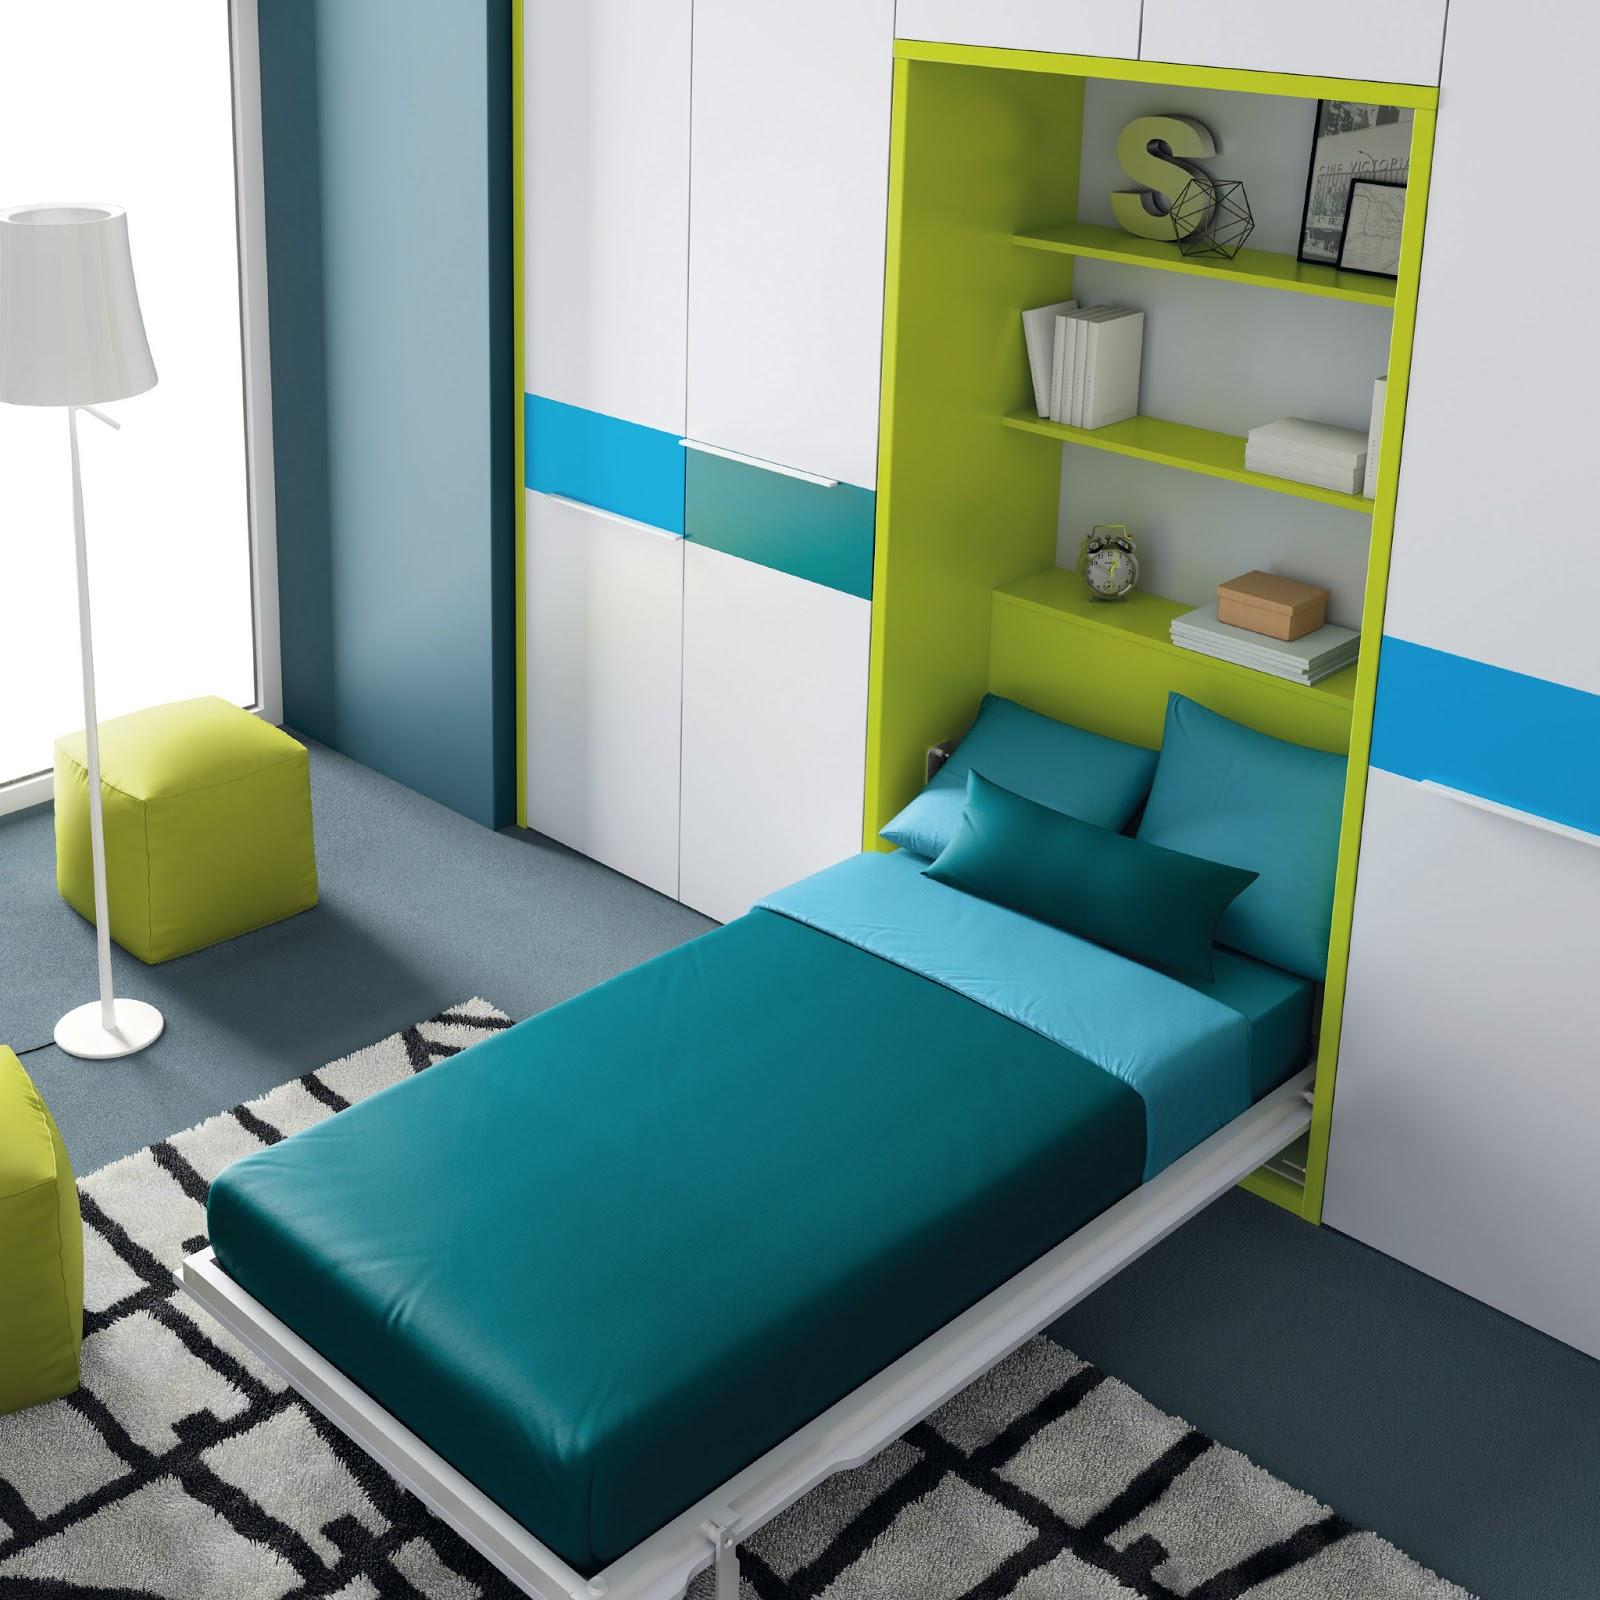 Spazio el programa de armarios de muebles ros blog de for Programa para distribuir muebles